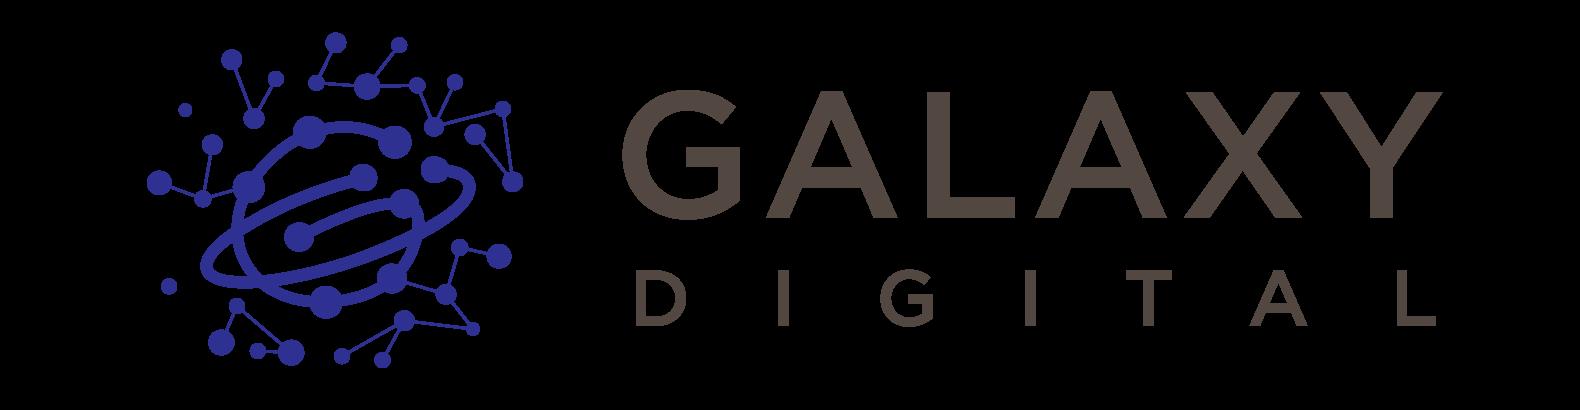 galaxy digital.png